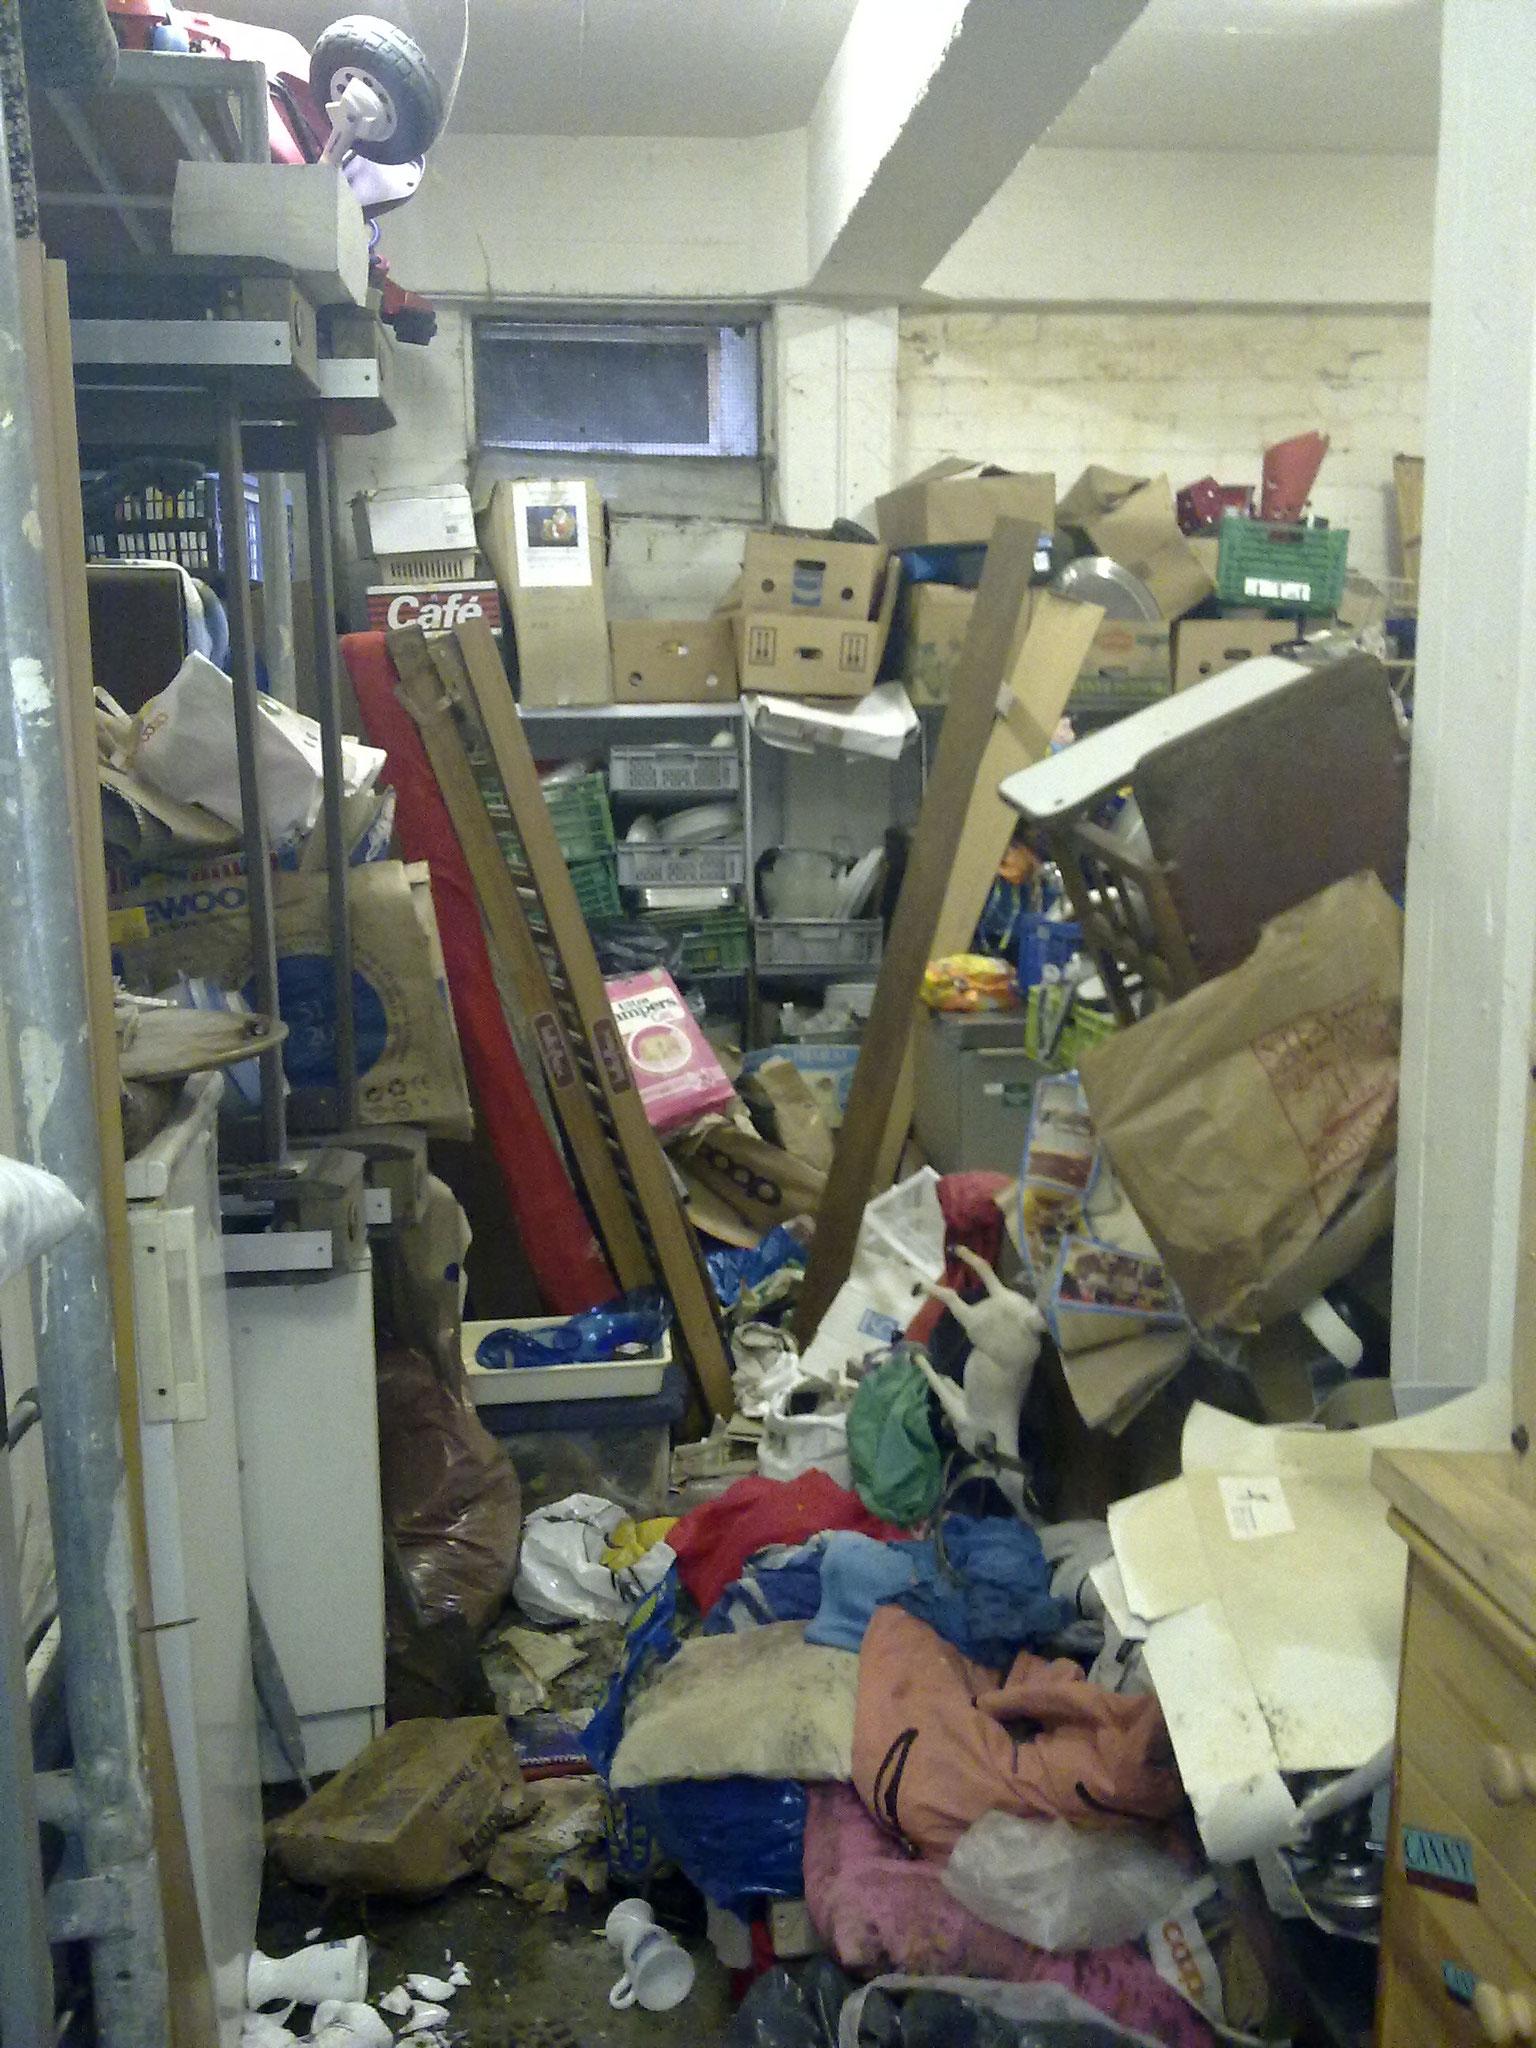 Laut Eigentümer ist der Raum geräumt und bereit zum streichen...